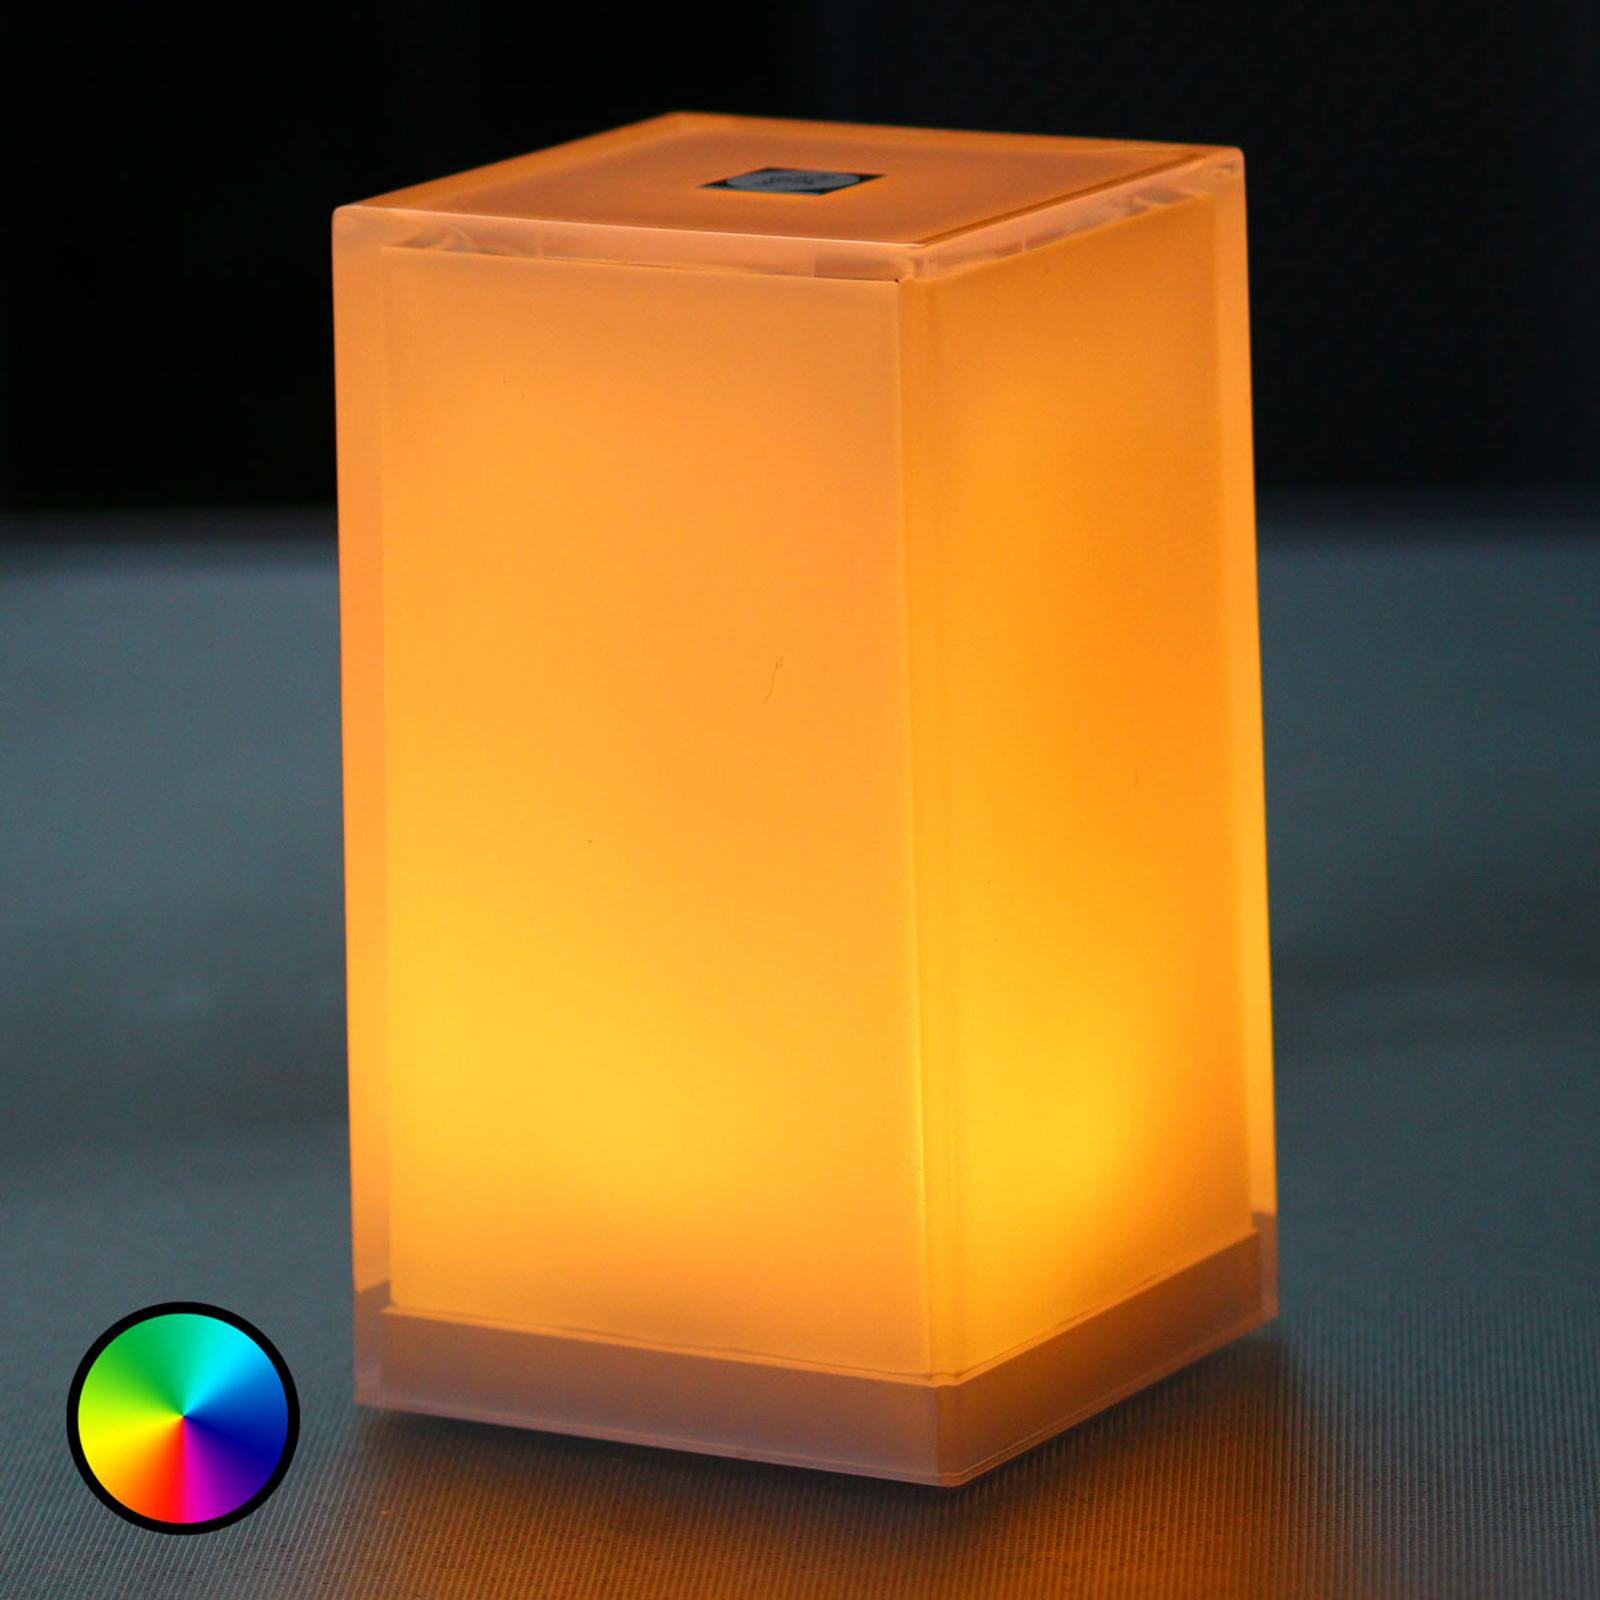 Tischleuchte Cub im 6er-Pack, App-steuerbar, RGBW